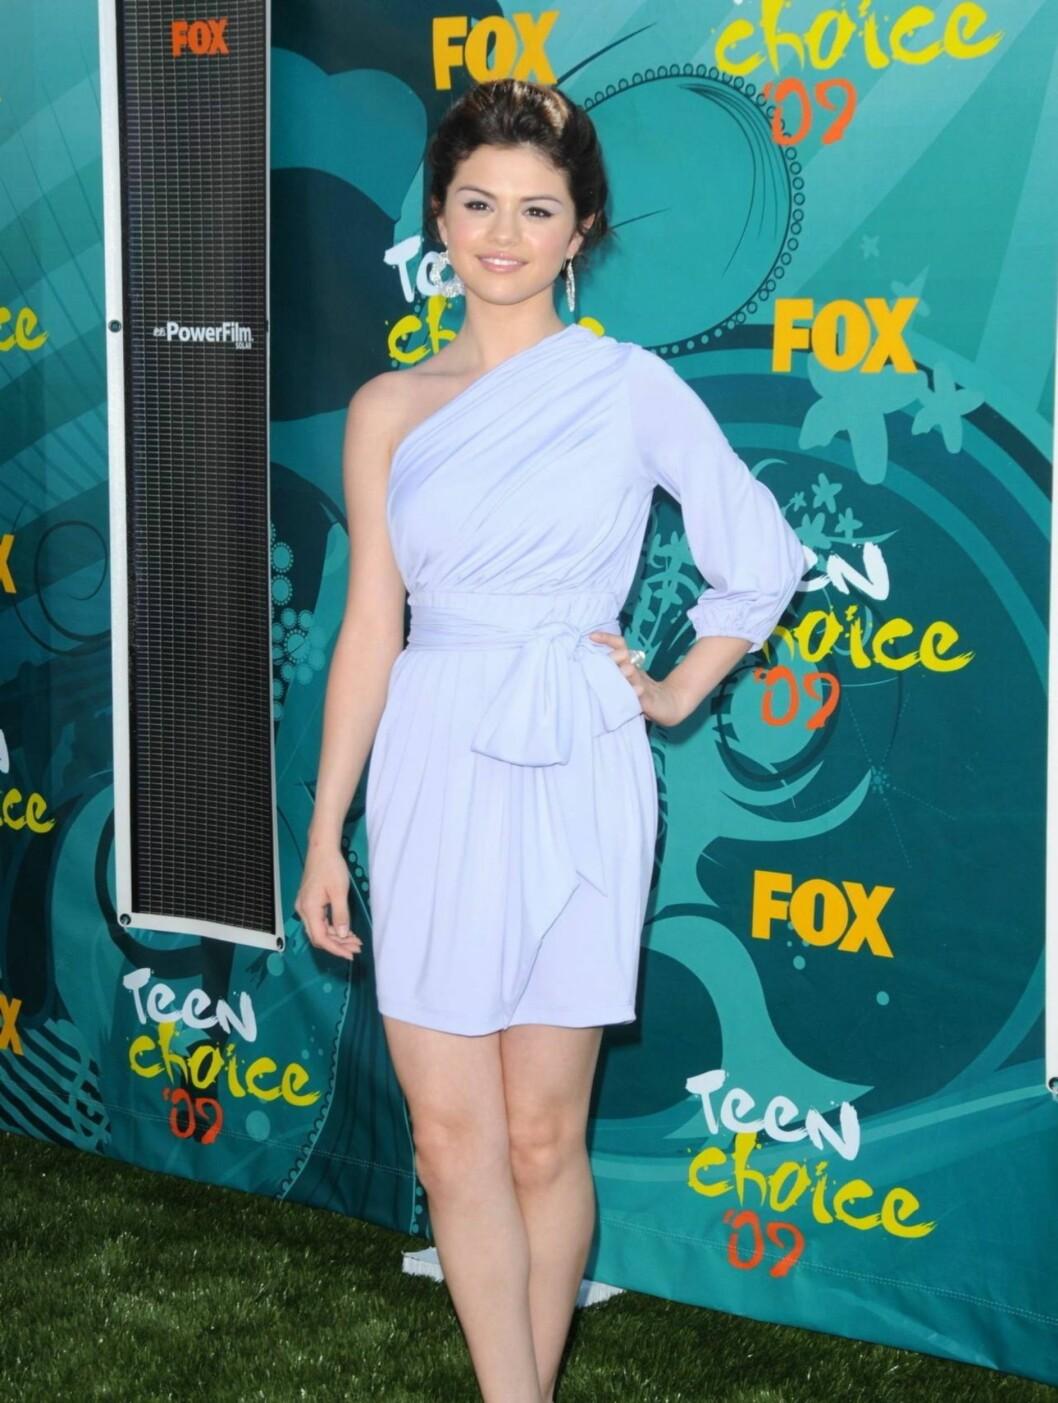 DISNEY-STJERNE:  16 år gamle Selena Gomez så veldig voksen ut i denne lyse kreasjonen.  Foto: Stella Pictures